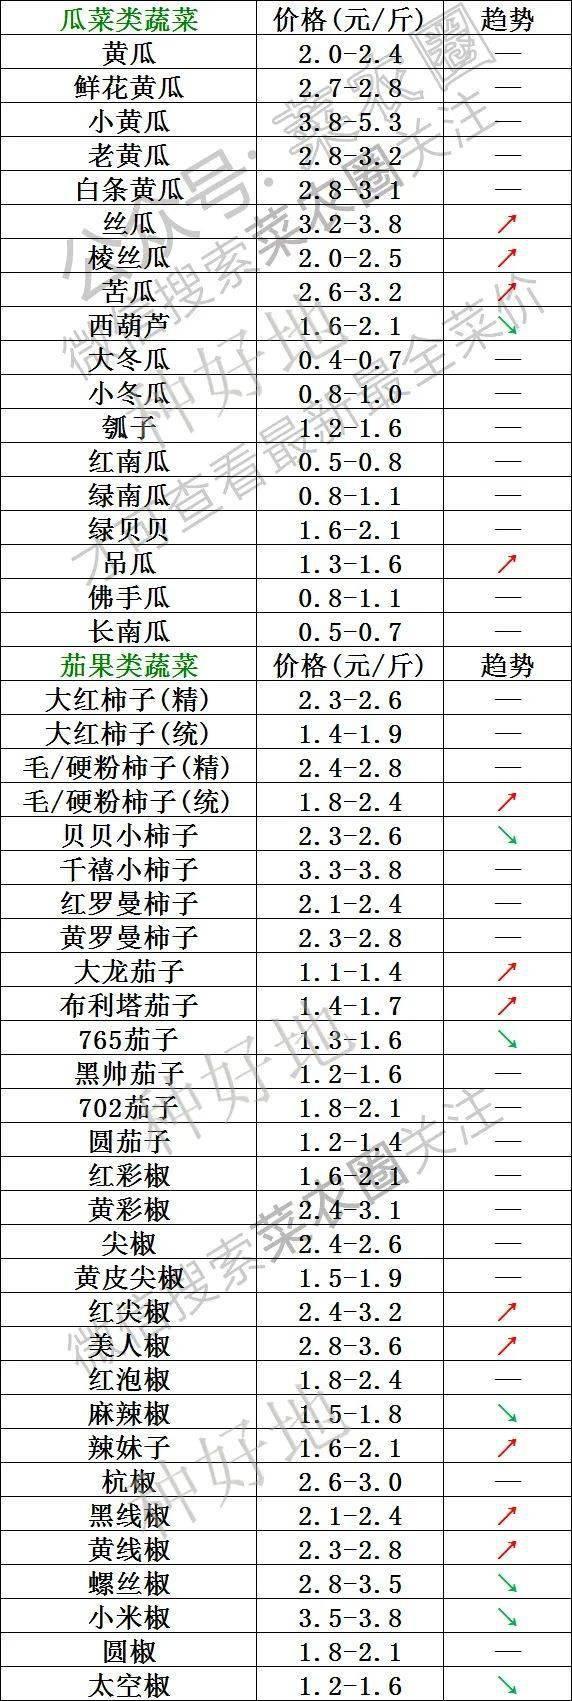 2021年9月9日北京新发地,山东寿光,云南,河北石家庄,寿光今日蔬菜价格行情一览表